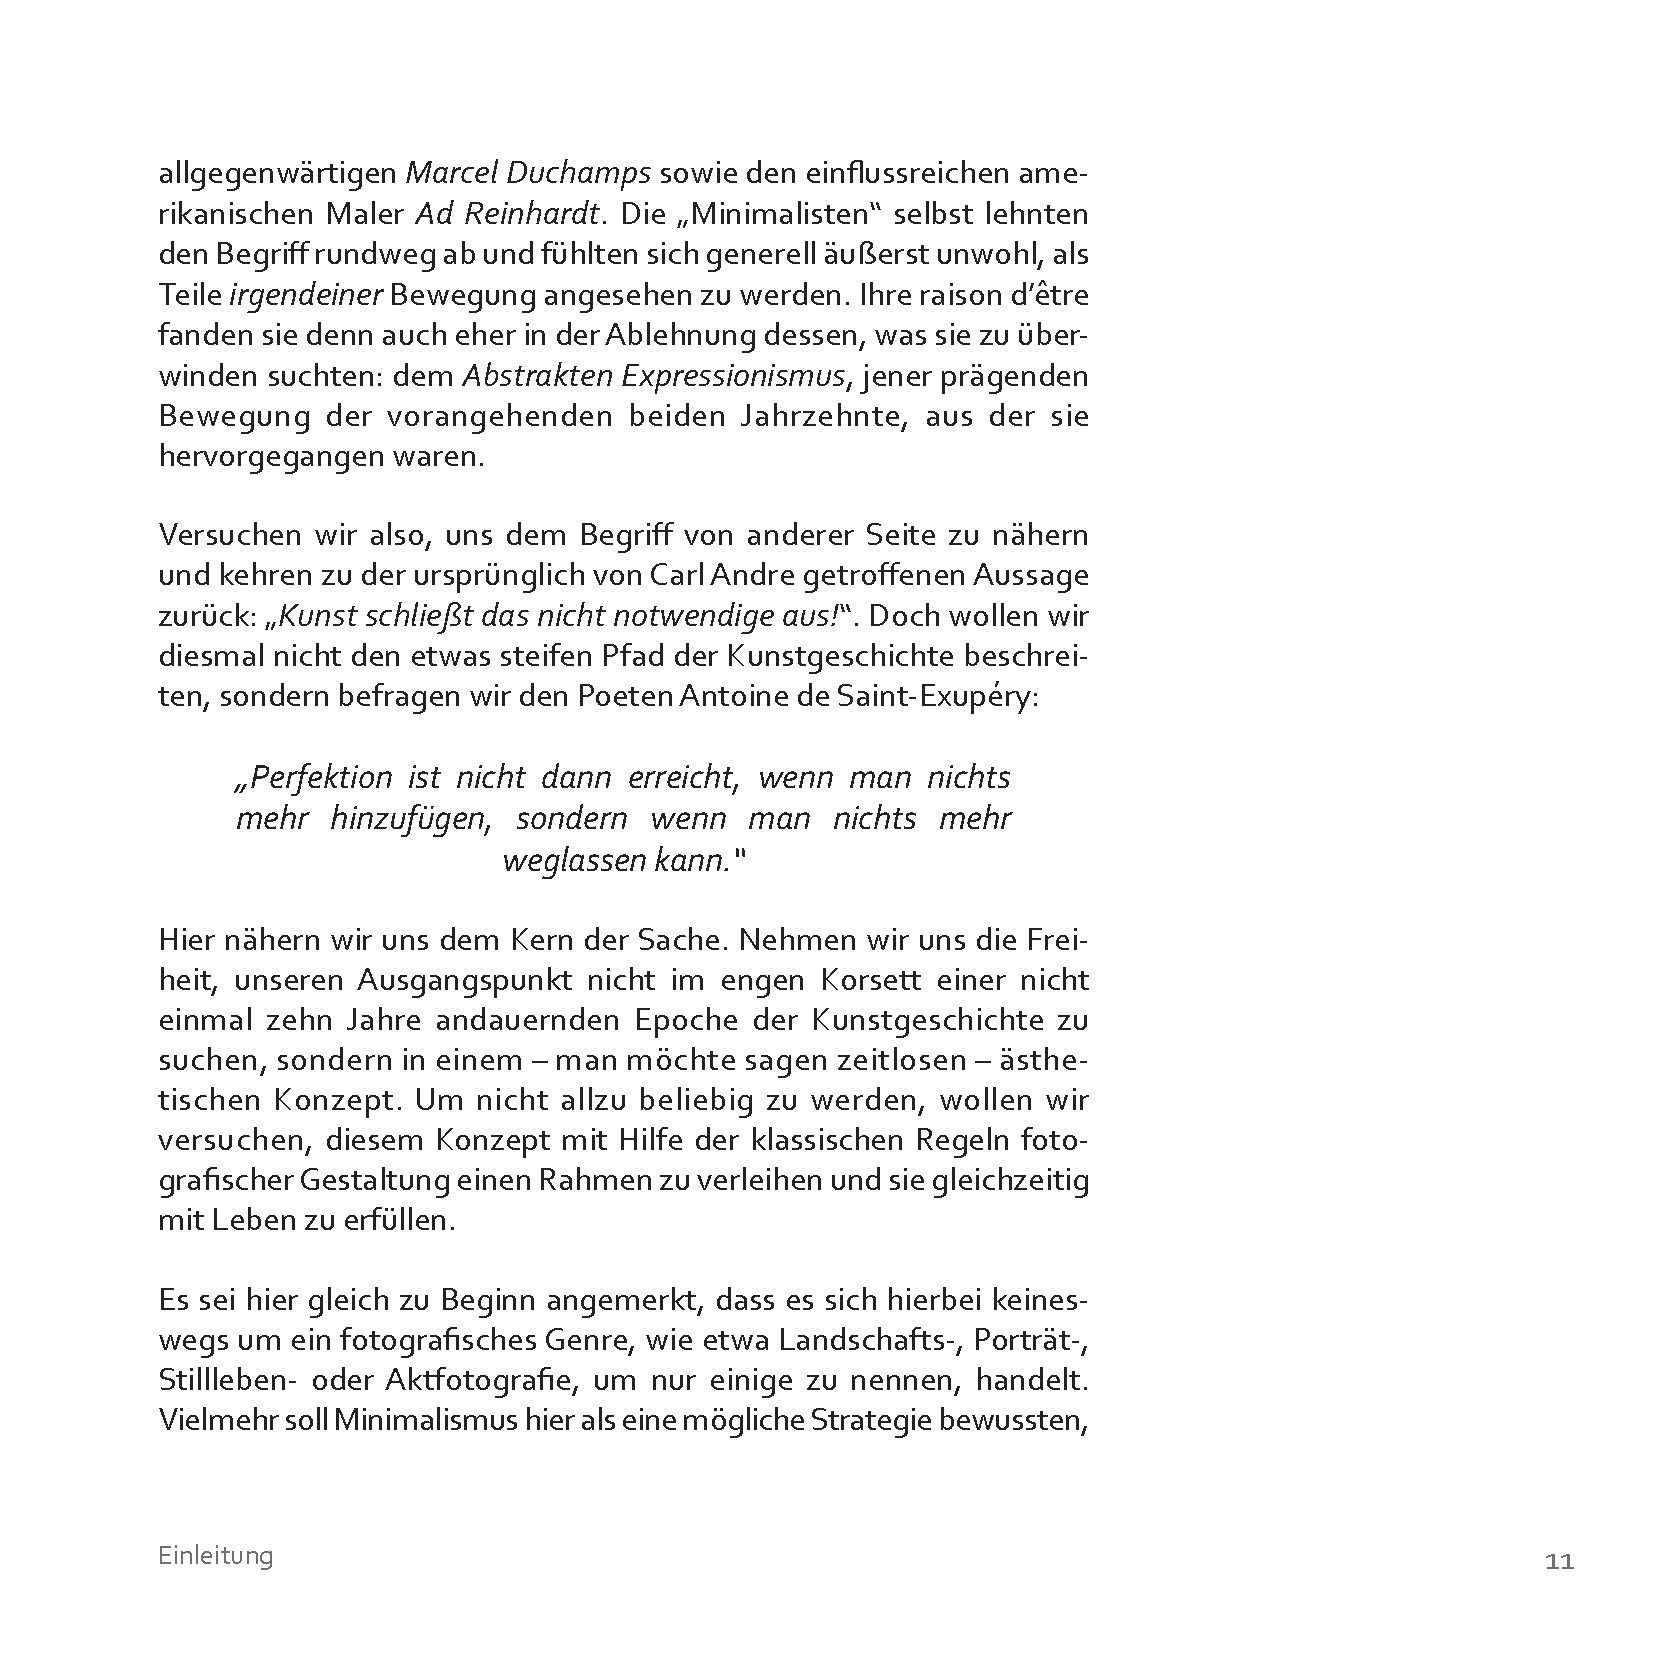 diplomarbeit-rnadrchal_Seite_011.jpg